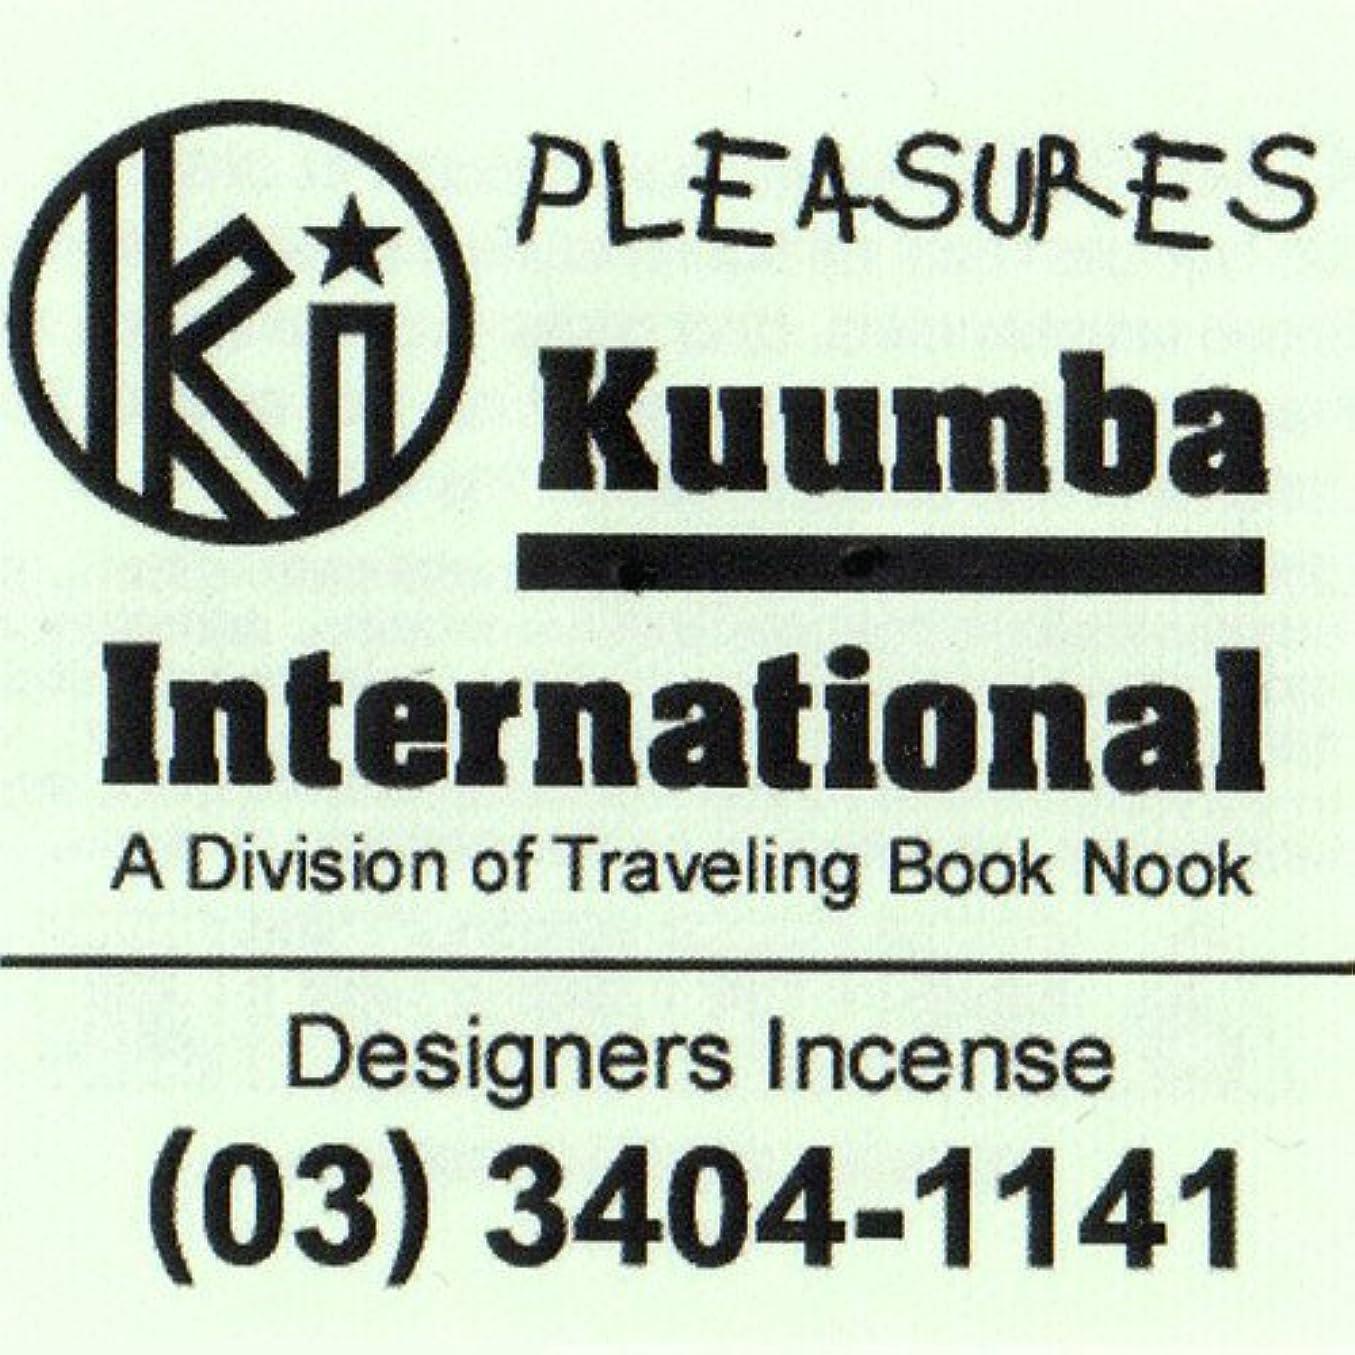 構成あざ約設定KUUMBA/クンバ『incense』(PLEASURES) (Regular size)